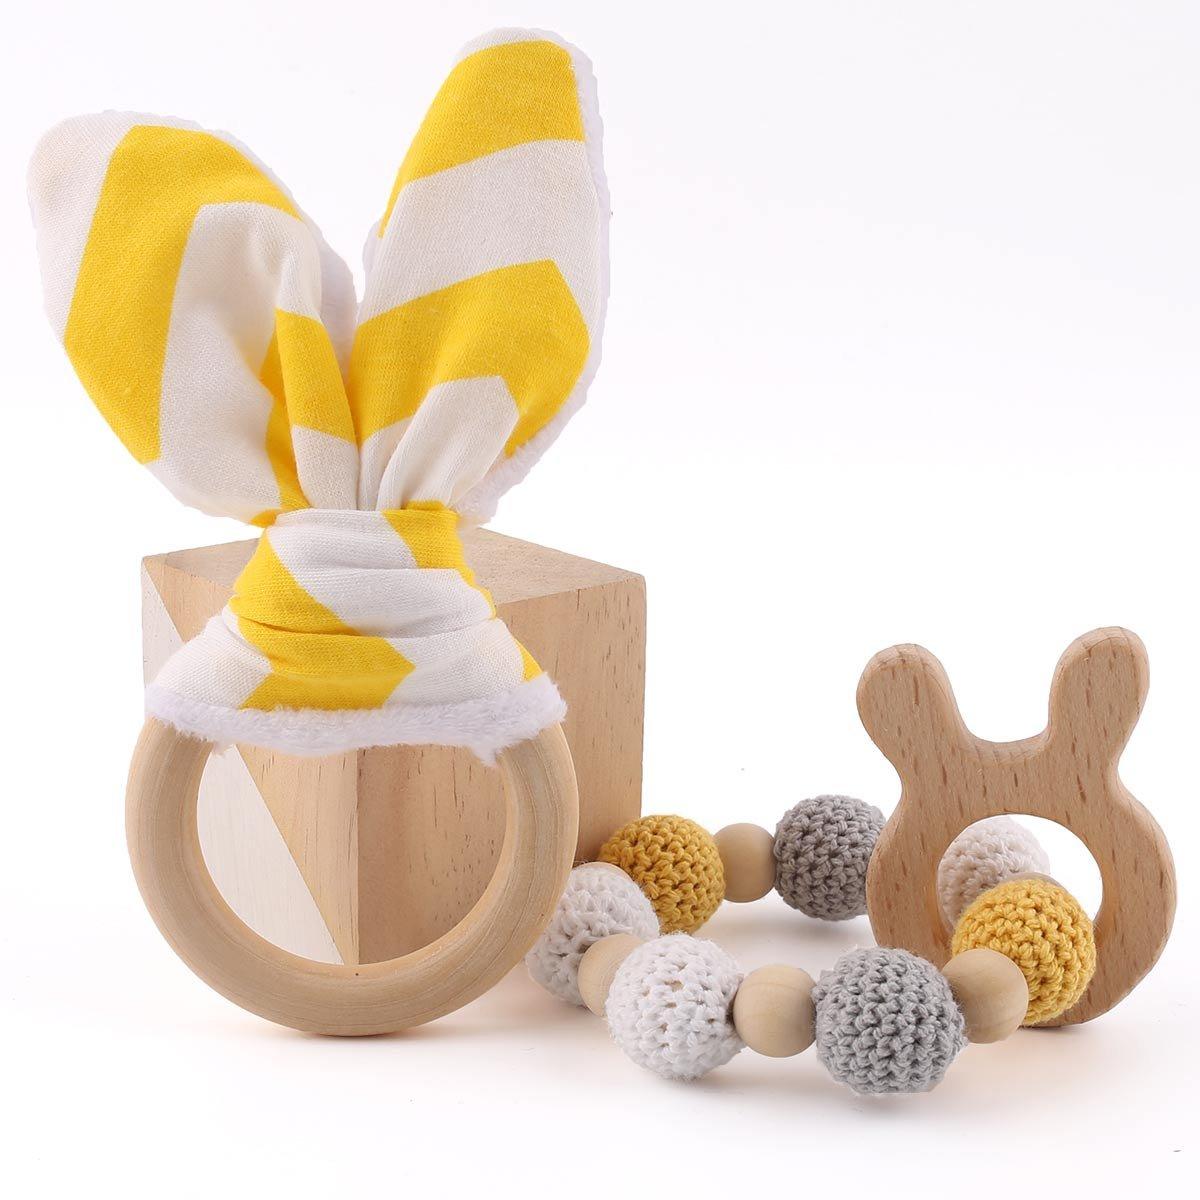 baby tete Anneaux de dentelle Pendentif à anneaux de lapin 1set/2pc Anneau à anneaux de lapin pour bébé Ensemble de tissage en bois original Ensemble de dents pour bébé Ensemble de dents